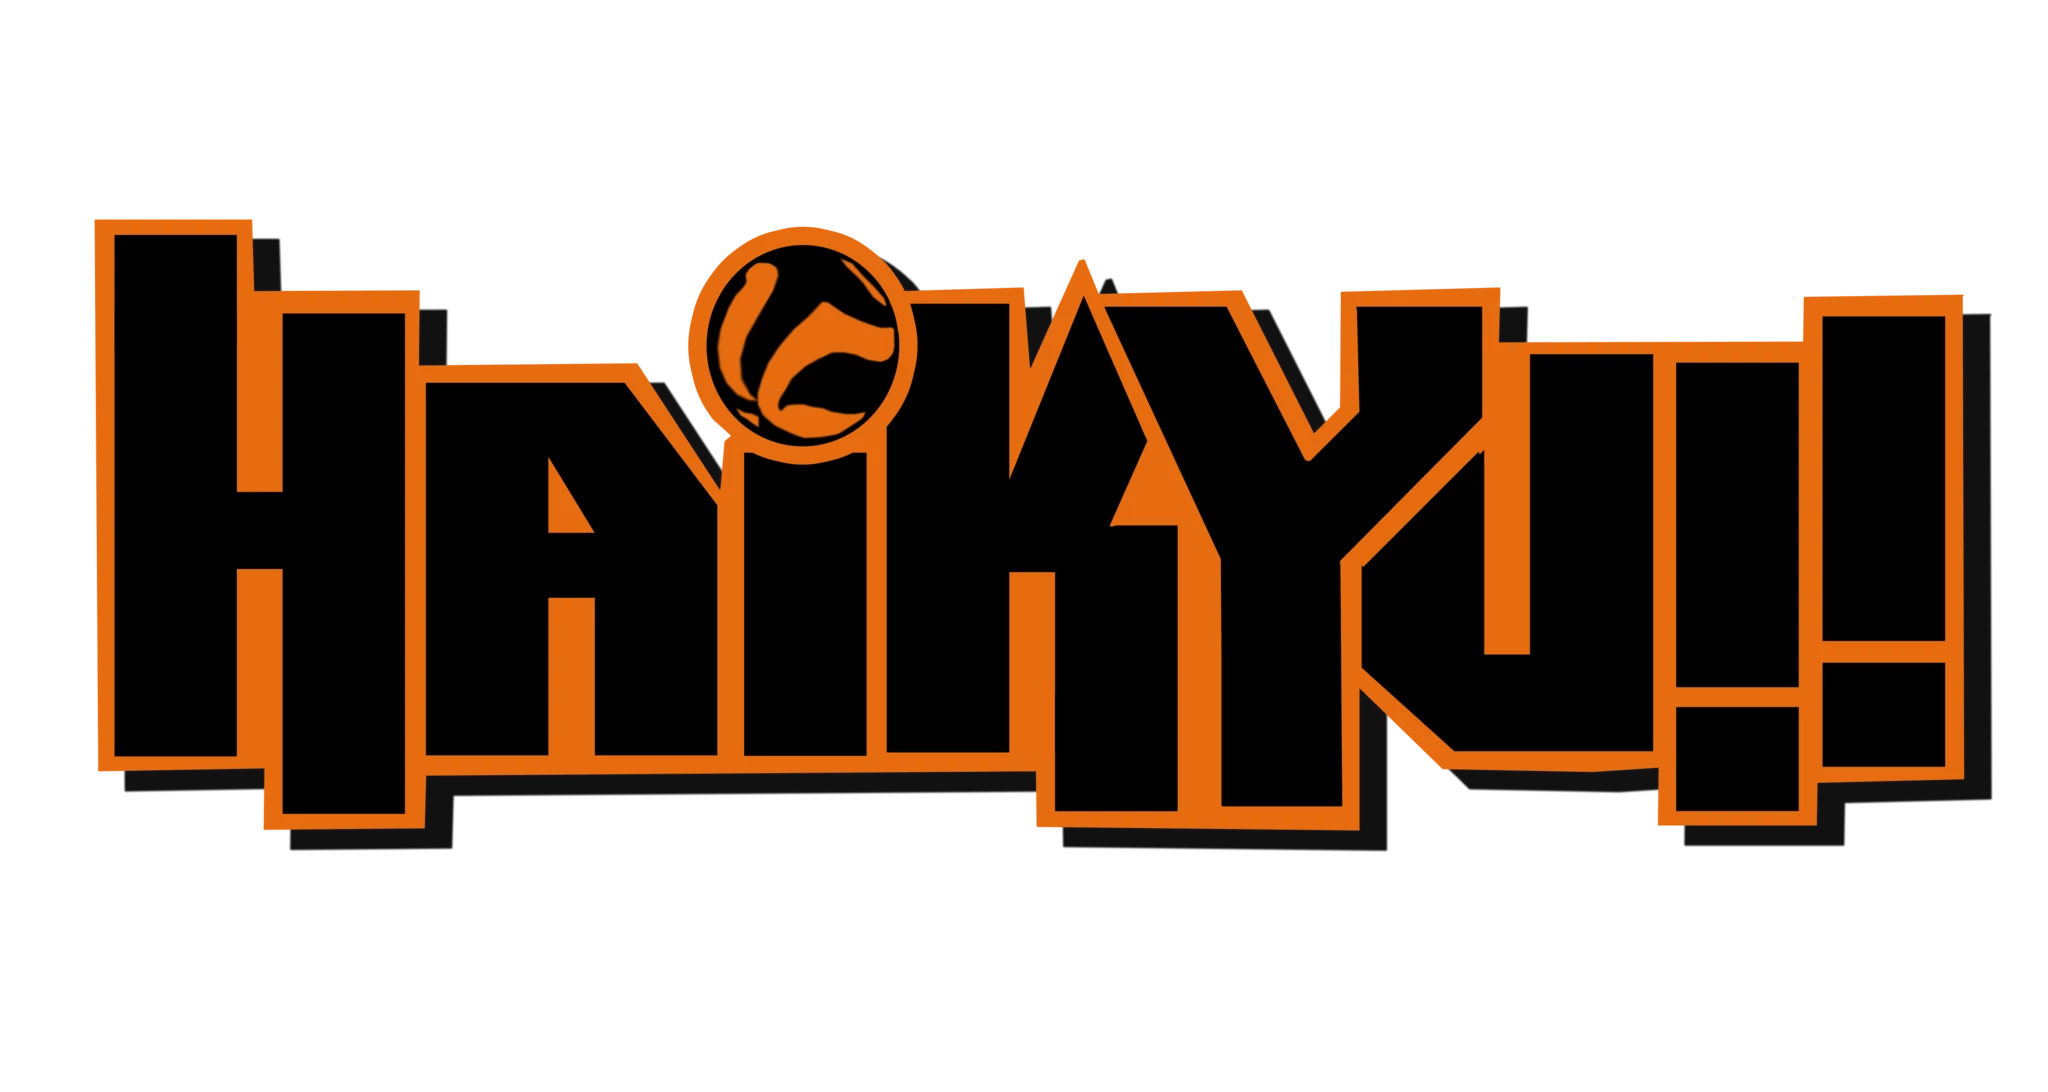 Haikyuu Logo Haikyuu Wallpaper Haikyuu Karasuno Haikyuu Kageyama